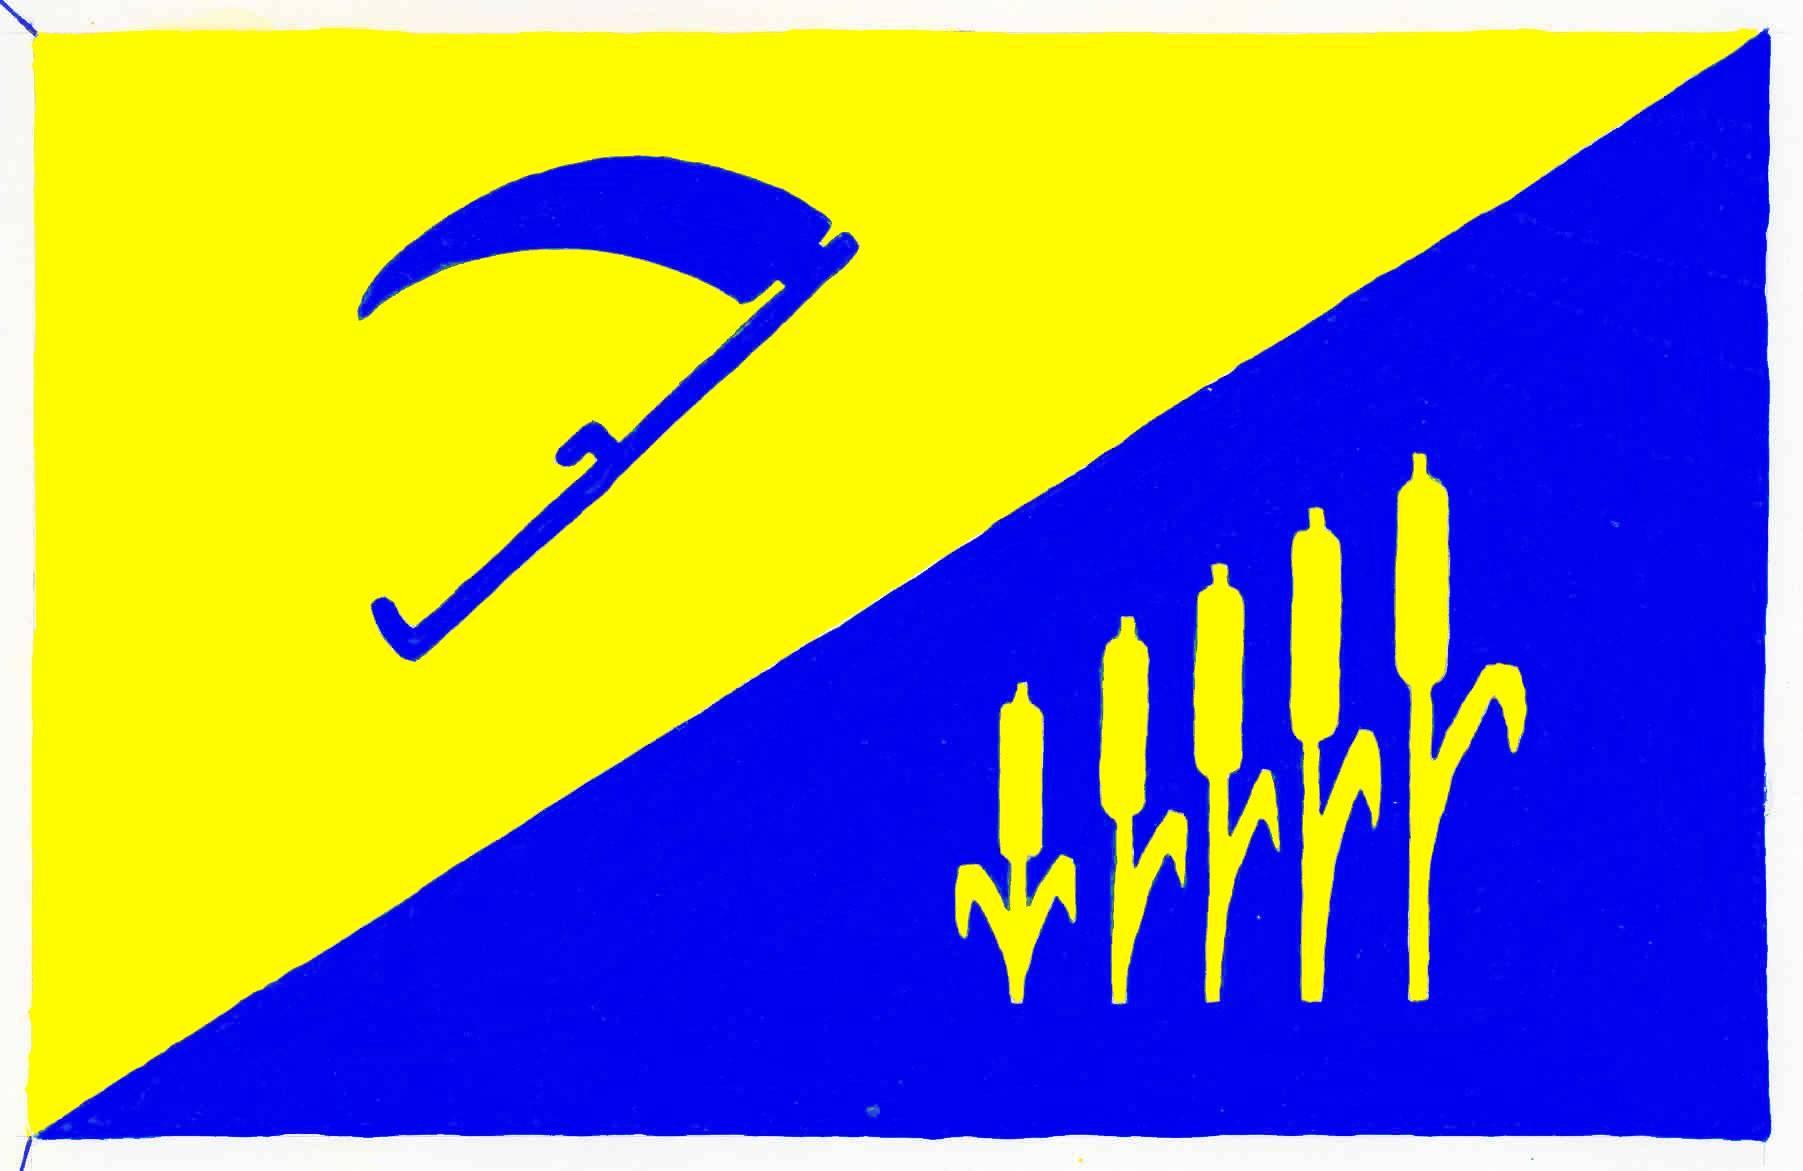 Flagge GemeindeWees, Kreis Schleswig-Flensburg